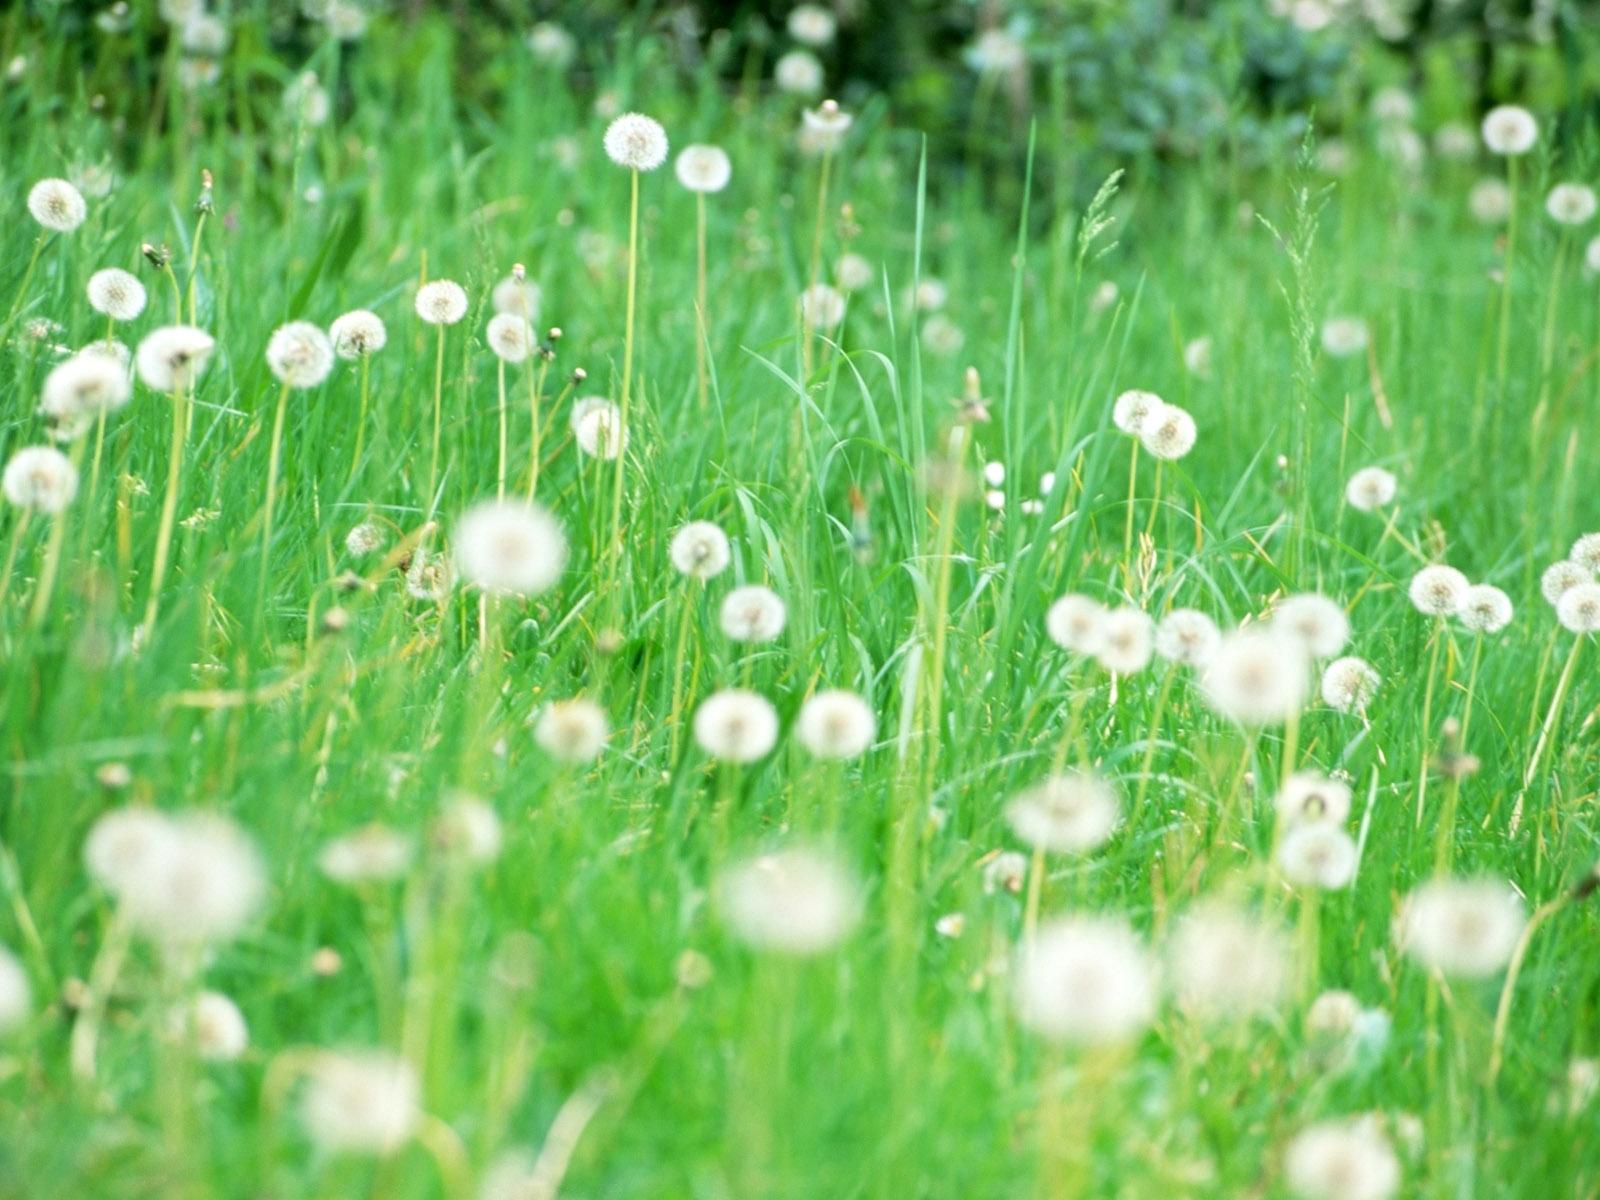 217 Заставки и Обои Одуванчики на телефон. Скачать Растения, Трава, Одуванчики картинки бесплатно